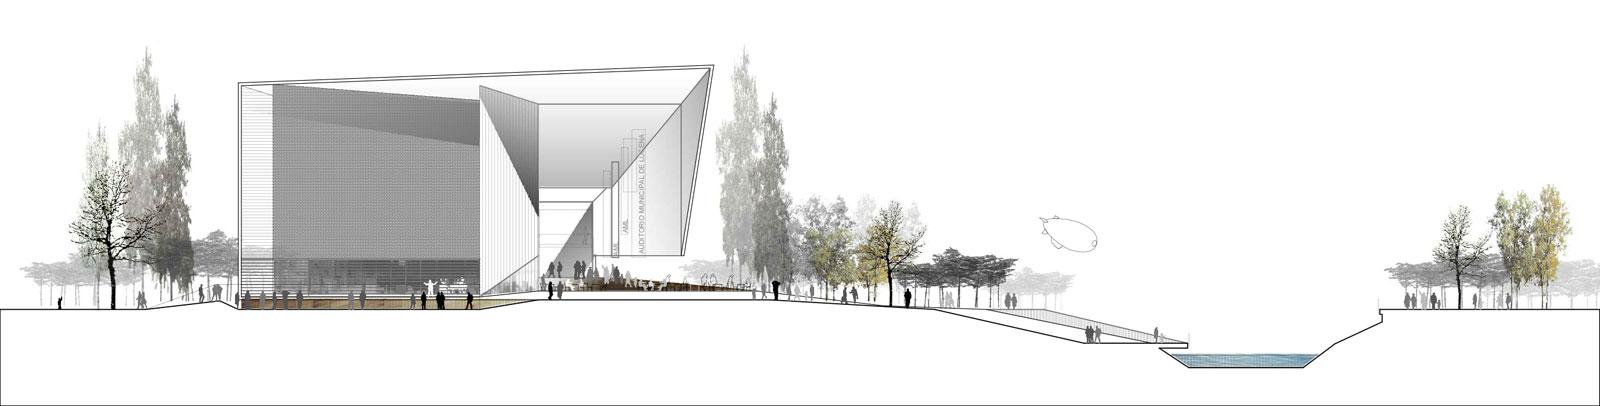 lucena_facade-entrance